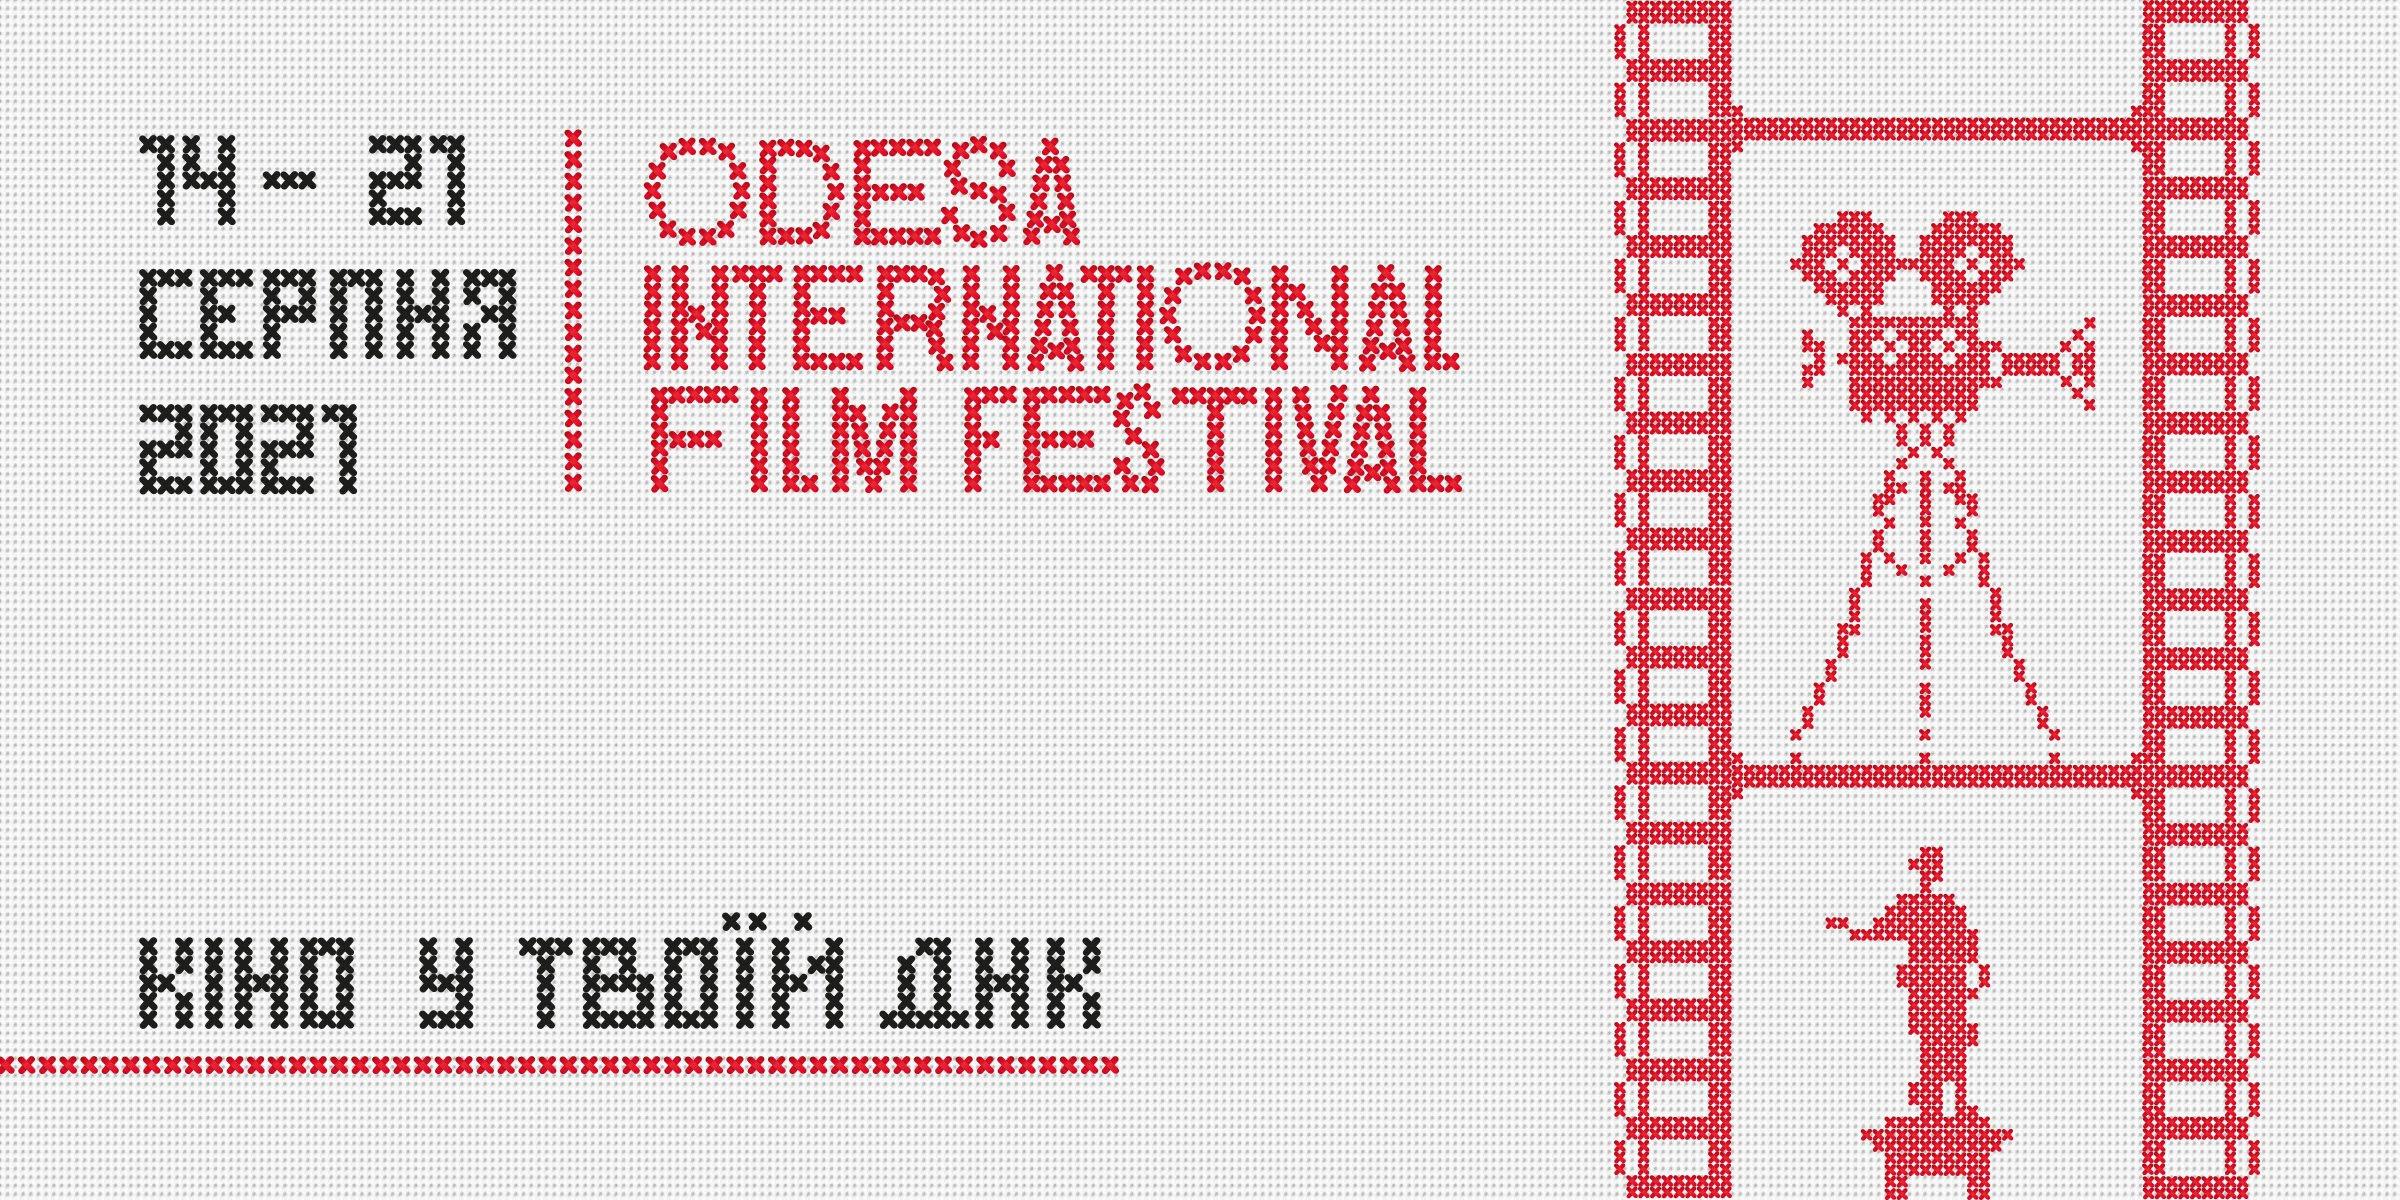 12-й Одеський міжнародний кінофестиваль представляє офіційний постер